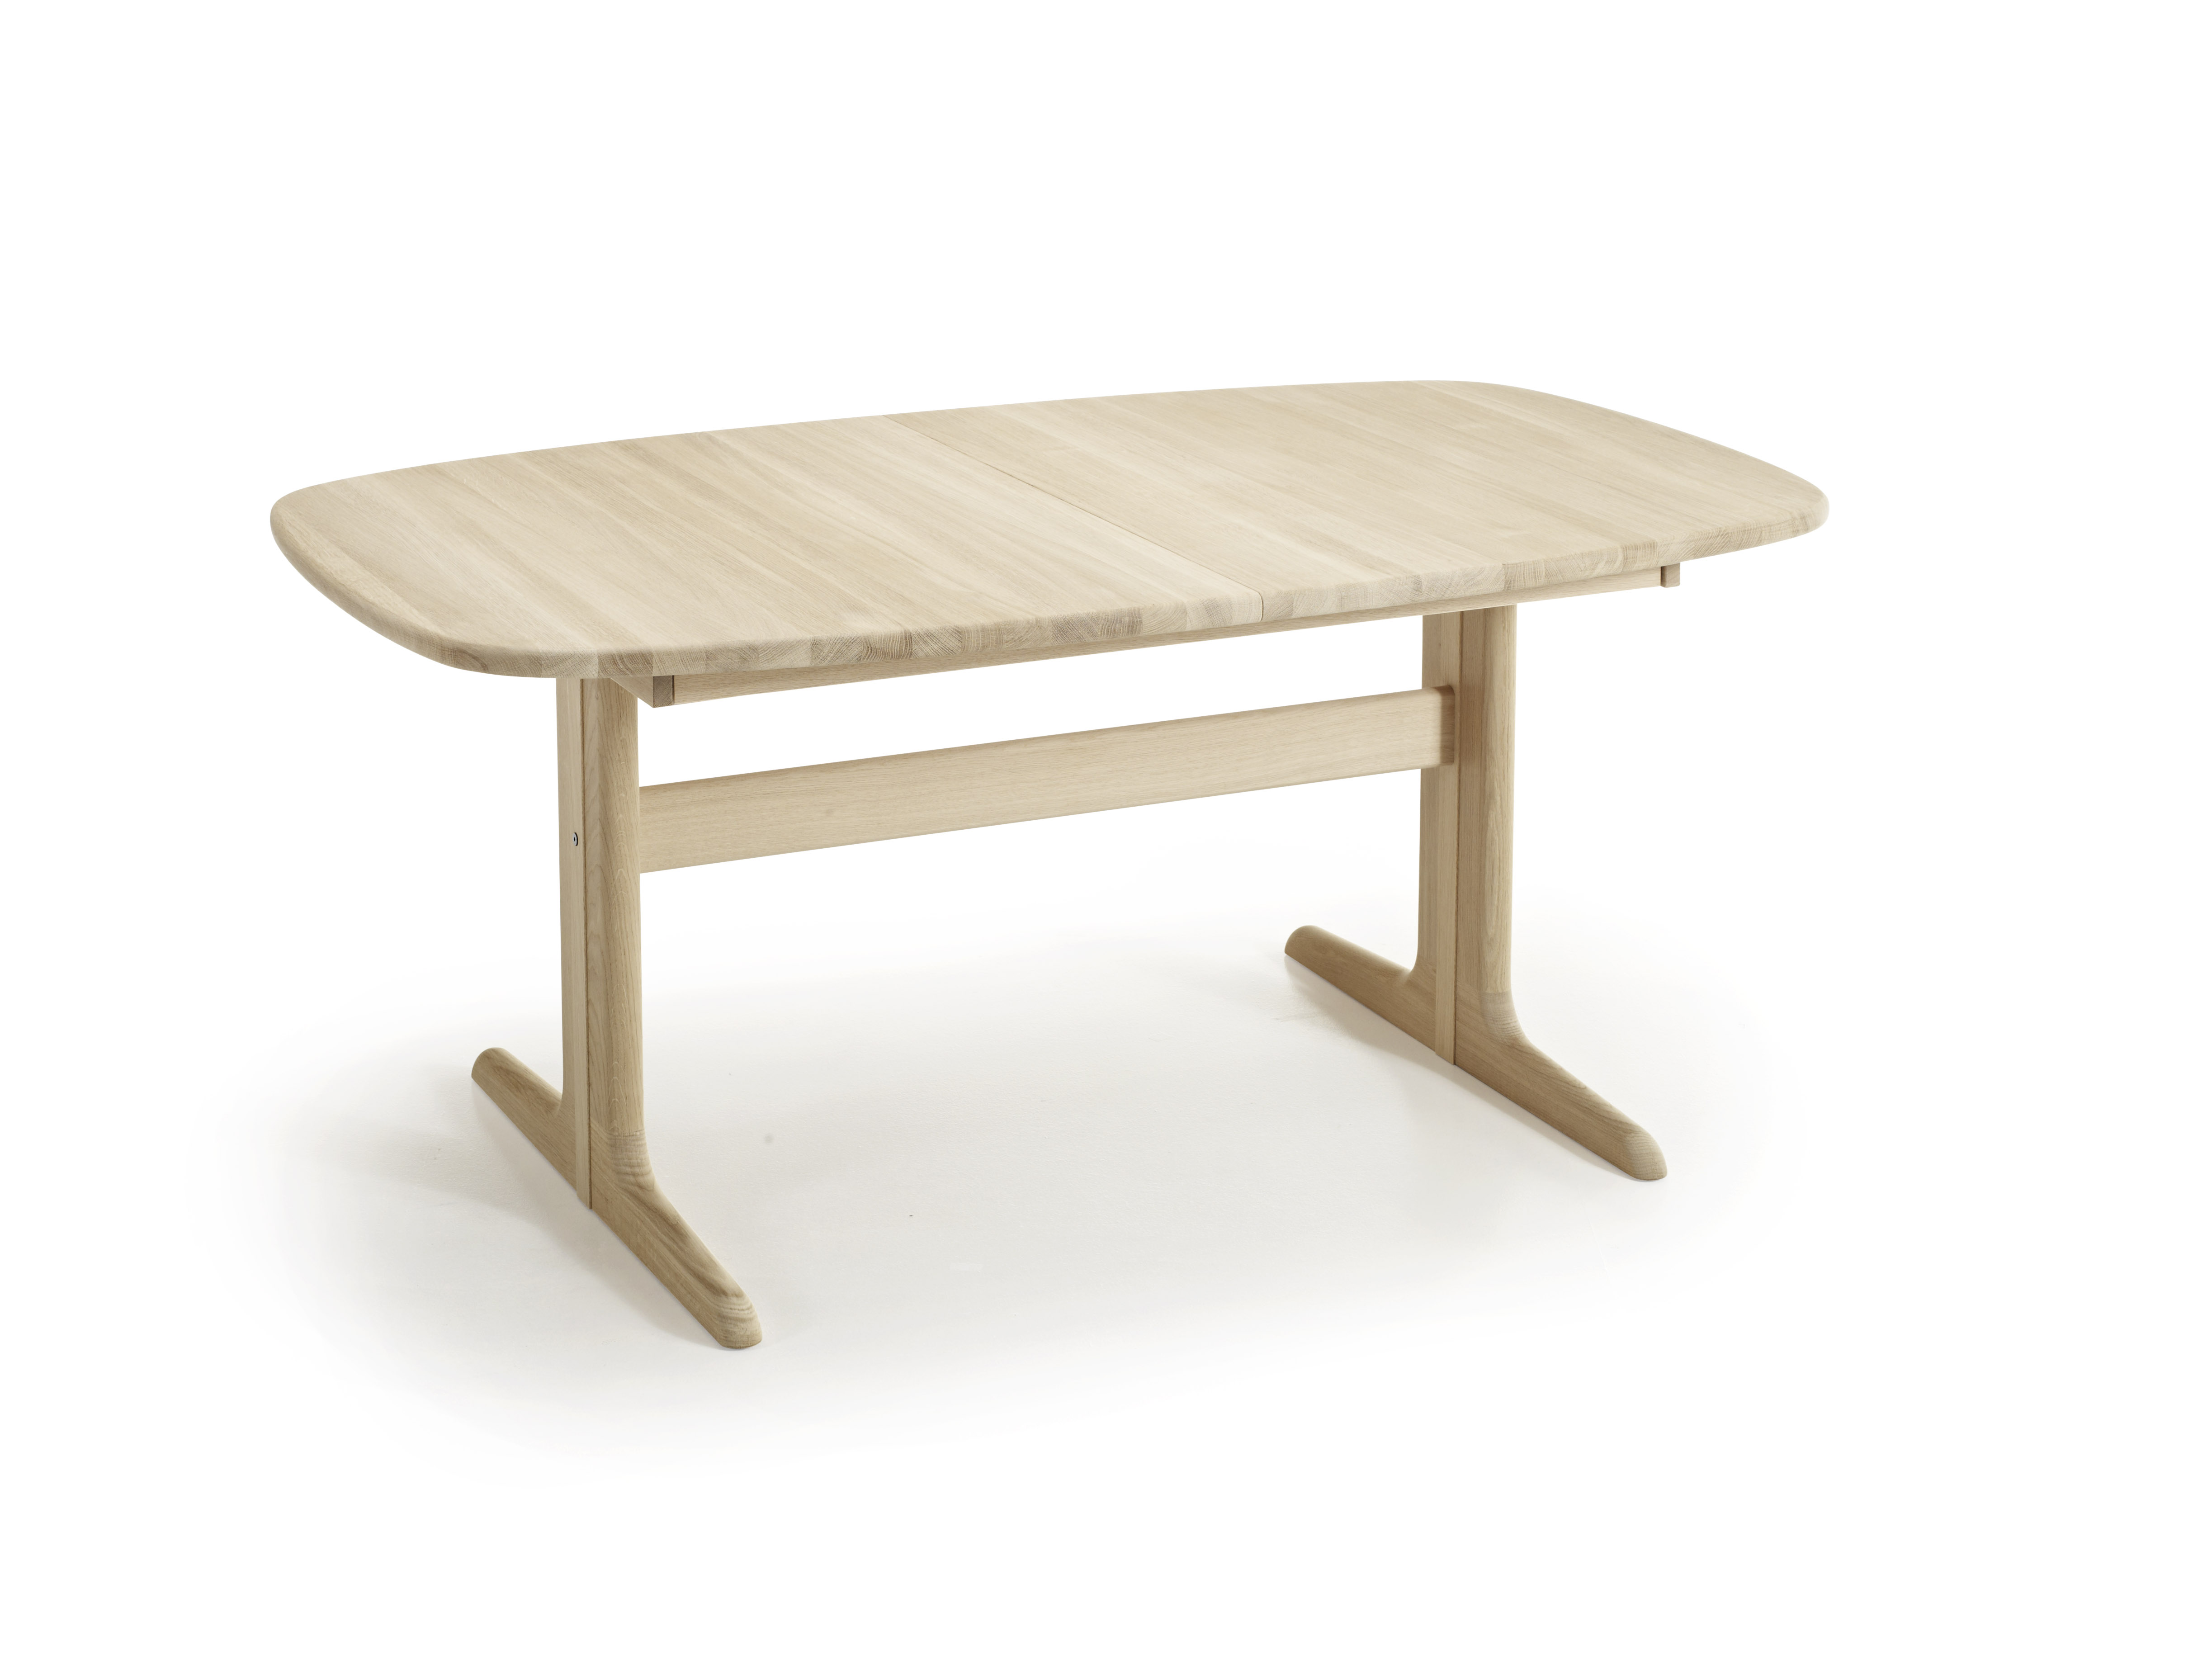 spisebord bøg Skovby SM 74 bøg lak spisebord   Danbo Møbler spisebord bøg